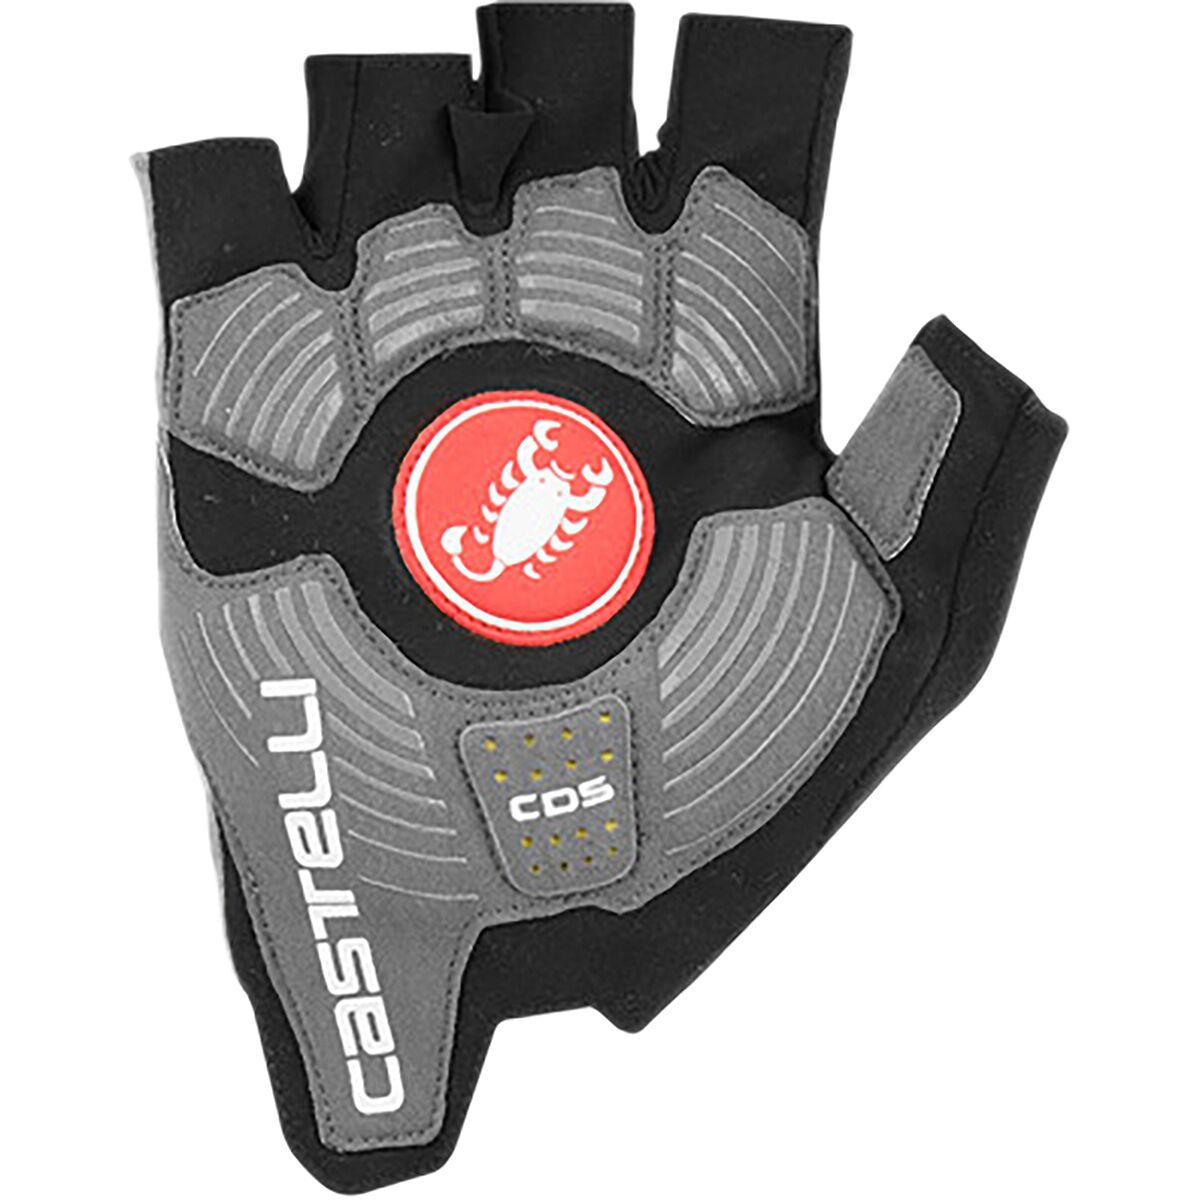 Castelli-Rosso-Corsa-Pro-Glove-Men-039-s miniature 20